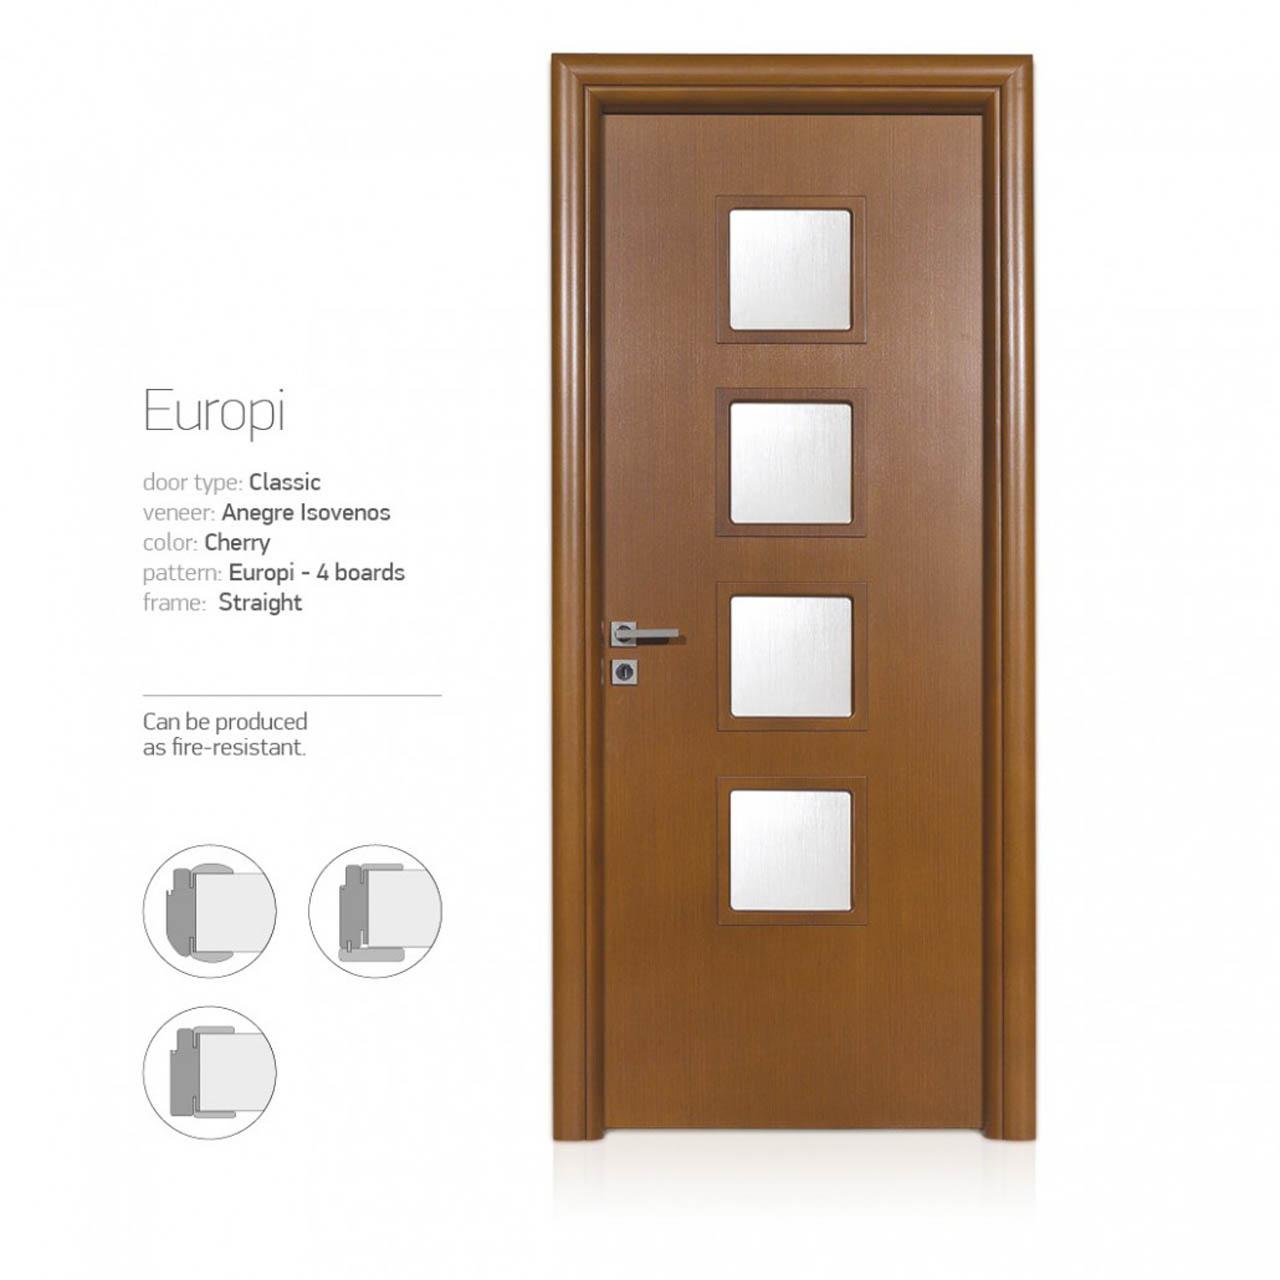 portes-site-classic-eng11-1030x1030